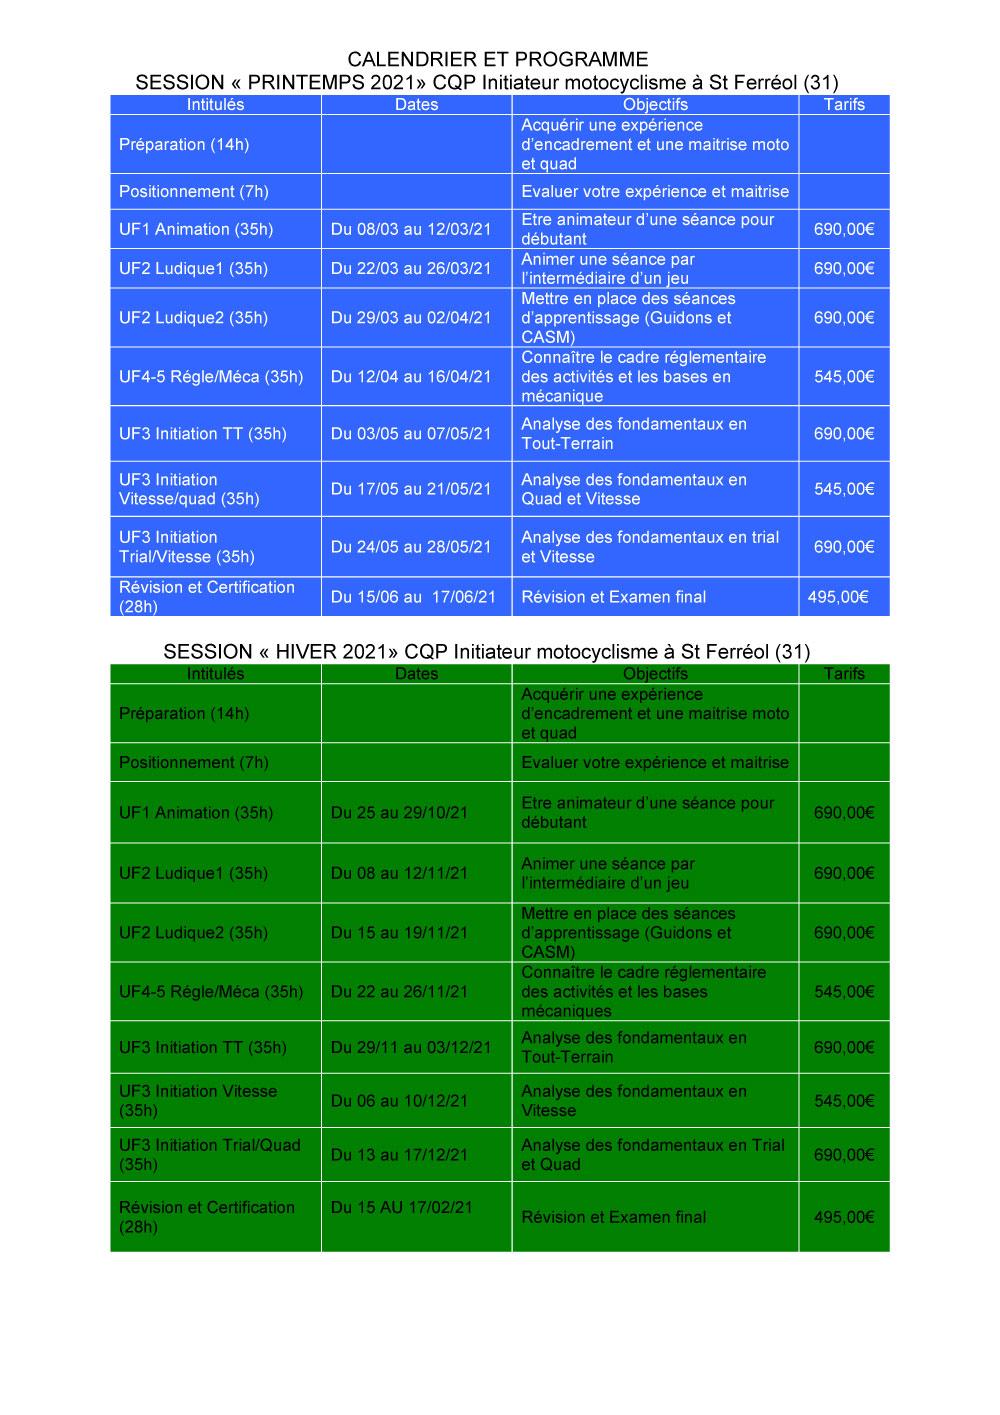 Calendrier-CQP-Init-2021